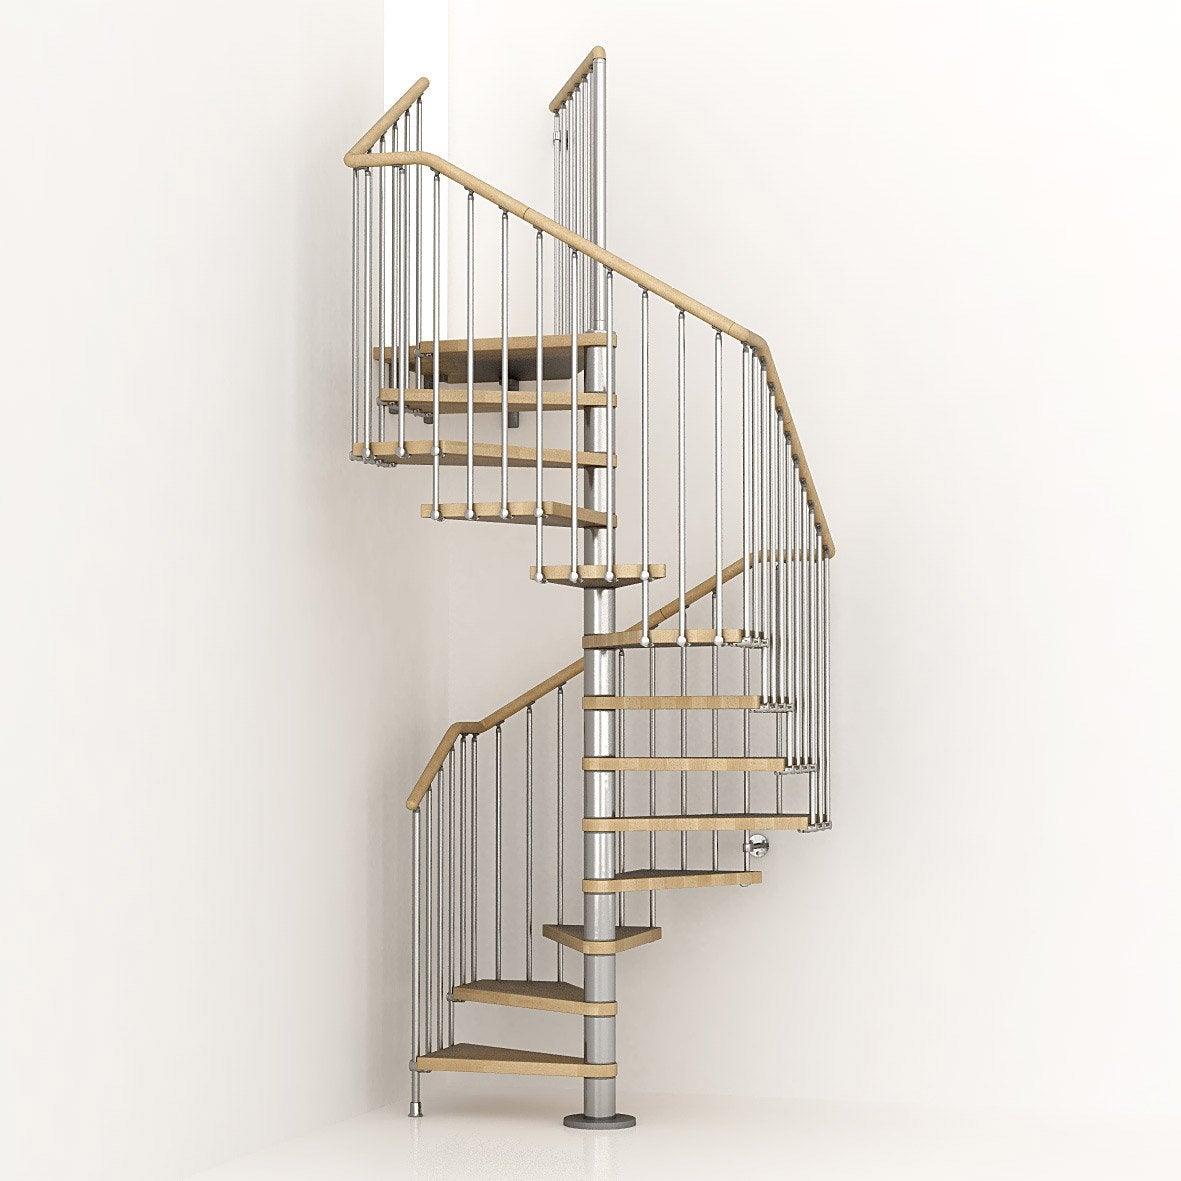 Escalier cube pixima colima on carr en bois et m tal 13 marches leroy merlin - Escalier colimacon leroy merlin ...